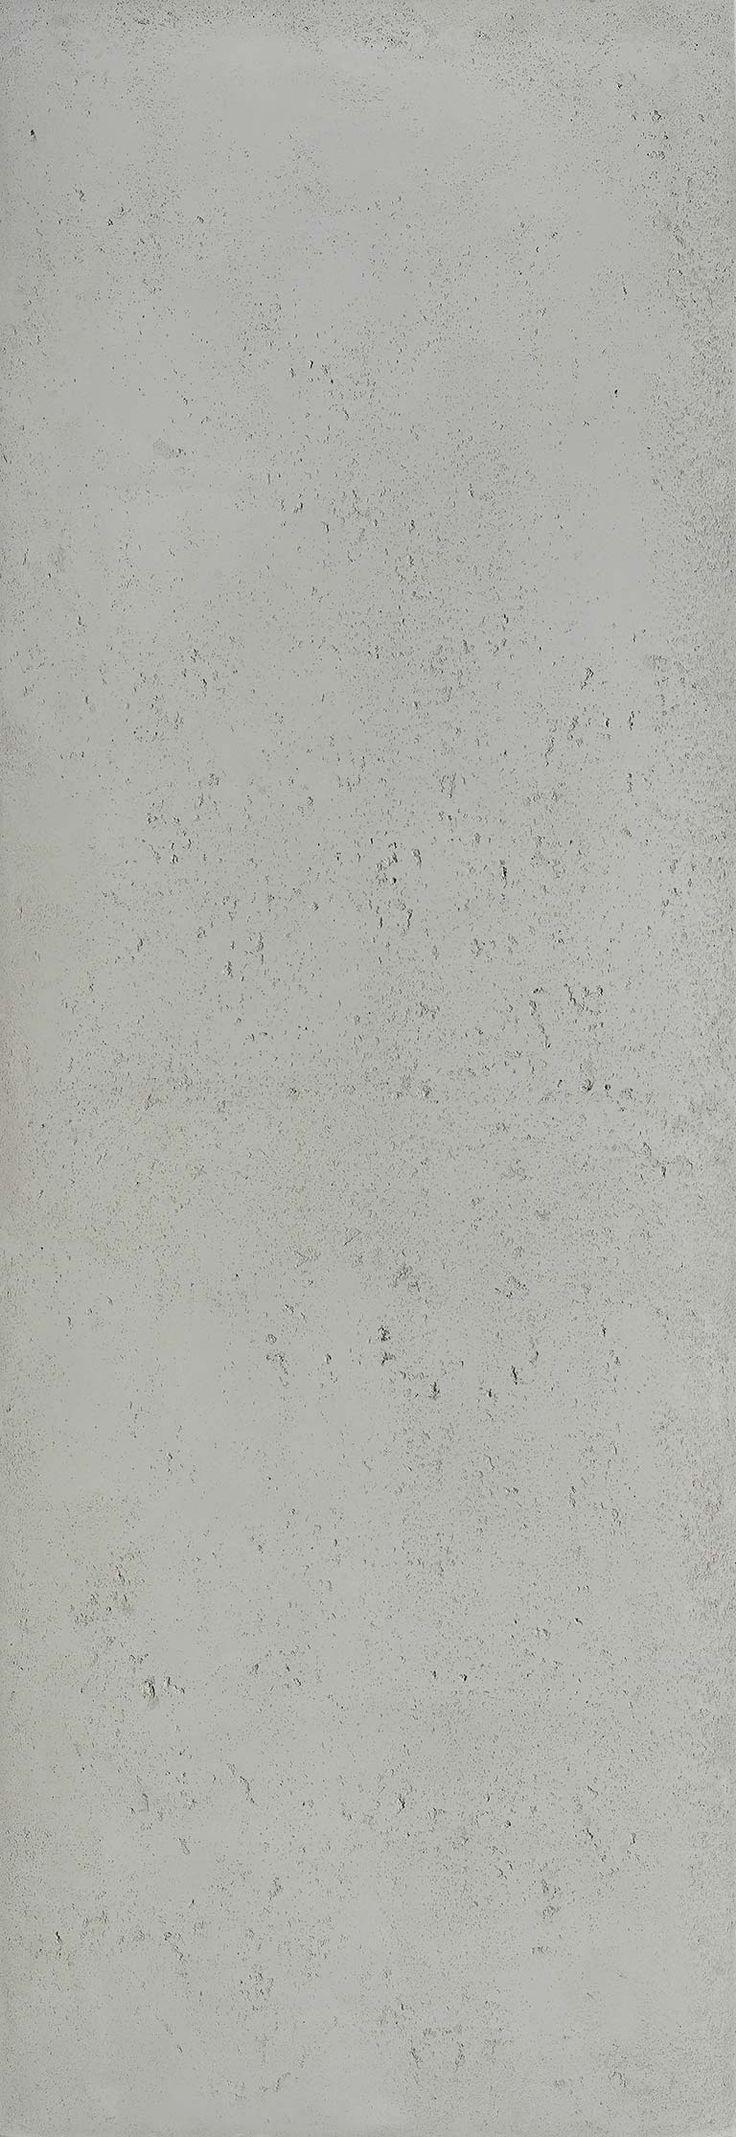 149 melhores imagens sobre sketch up no pinterest marcadores tijolos e pranchas de madeira - Beton lcda ...